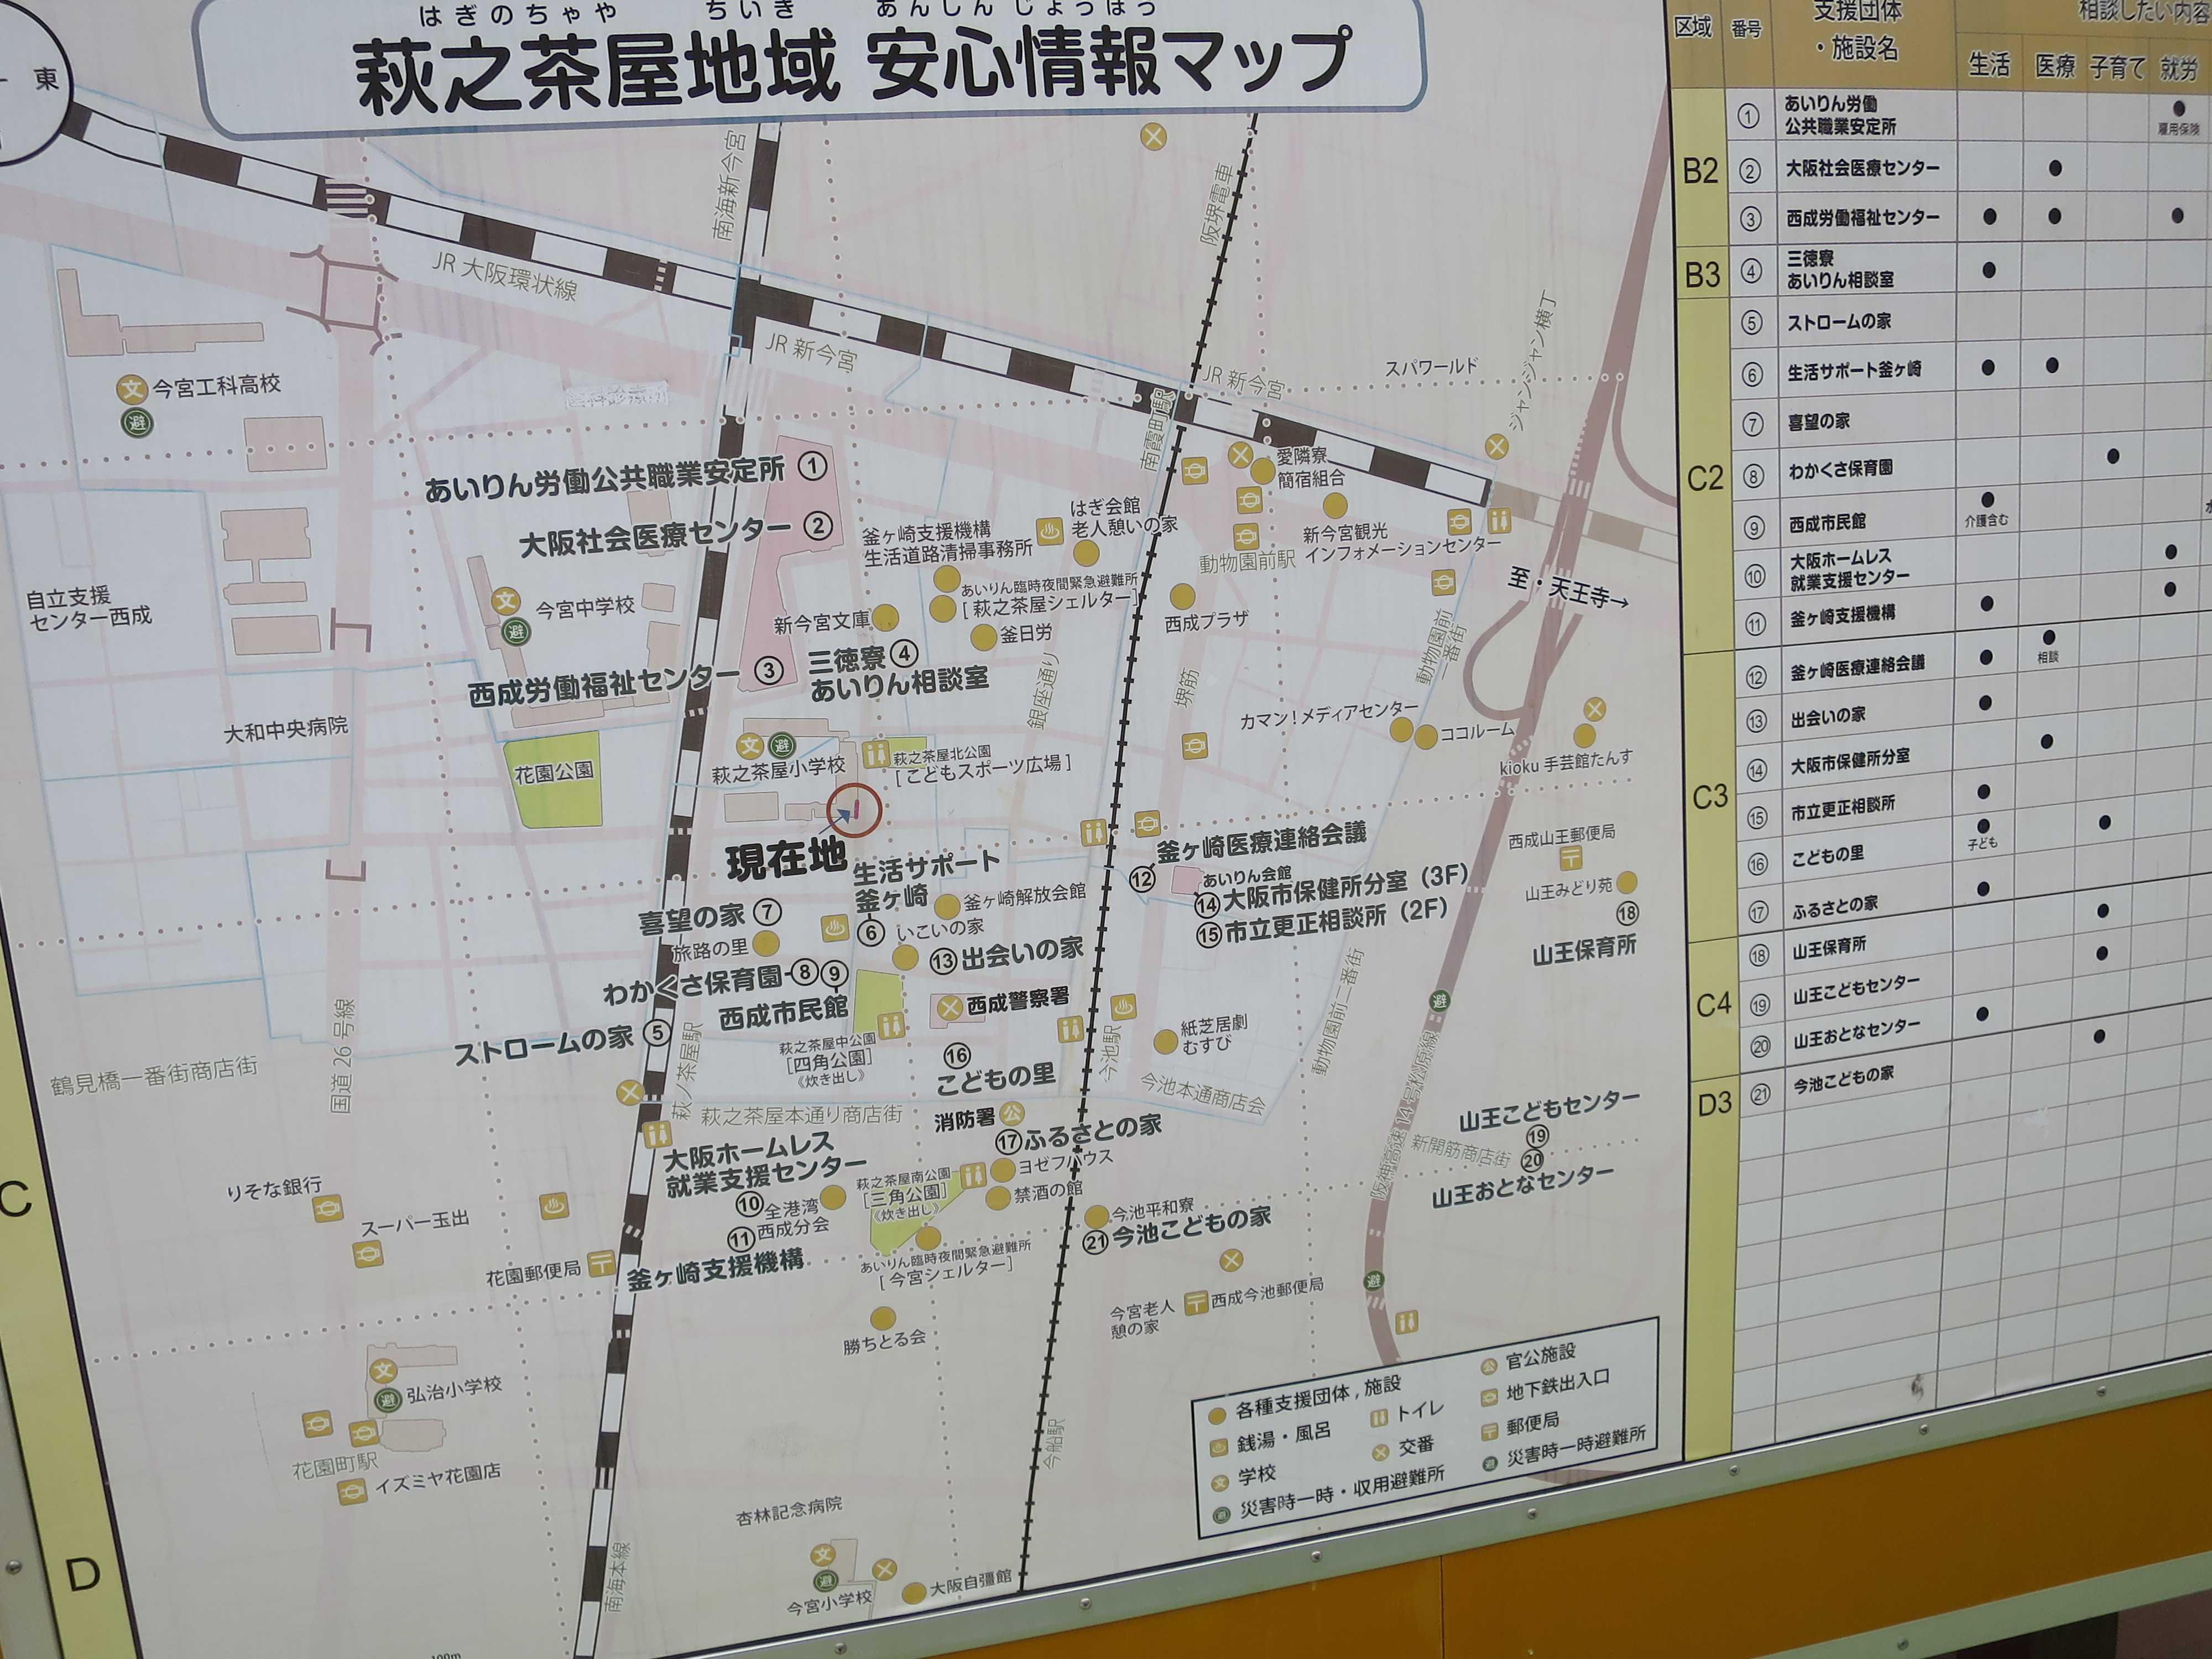 萩之茶屋地域 安心情報マップ